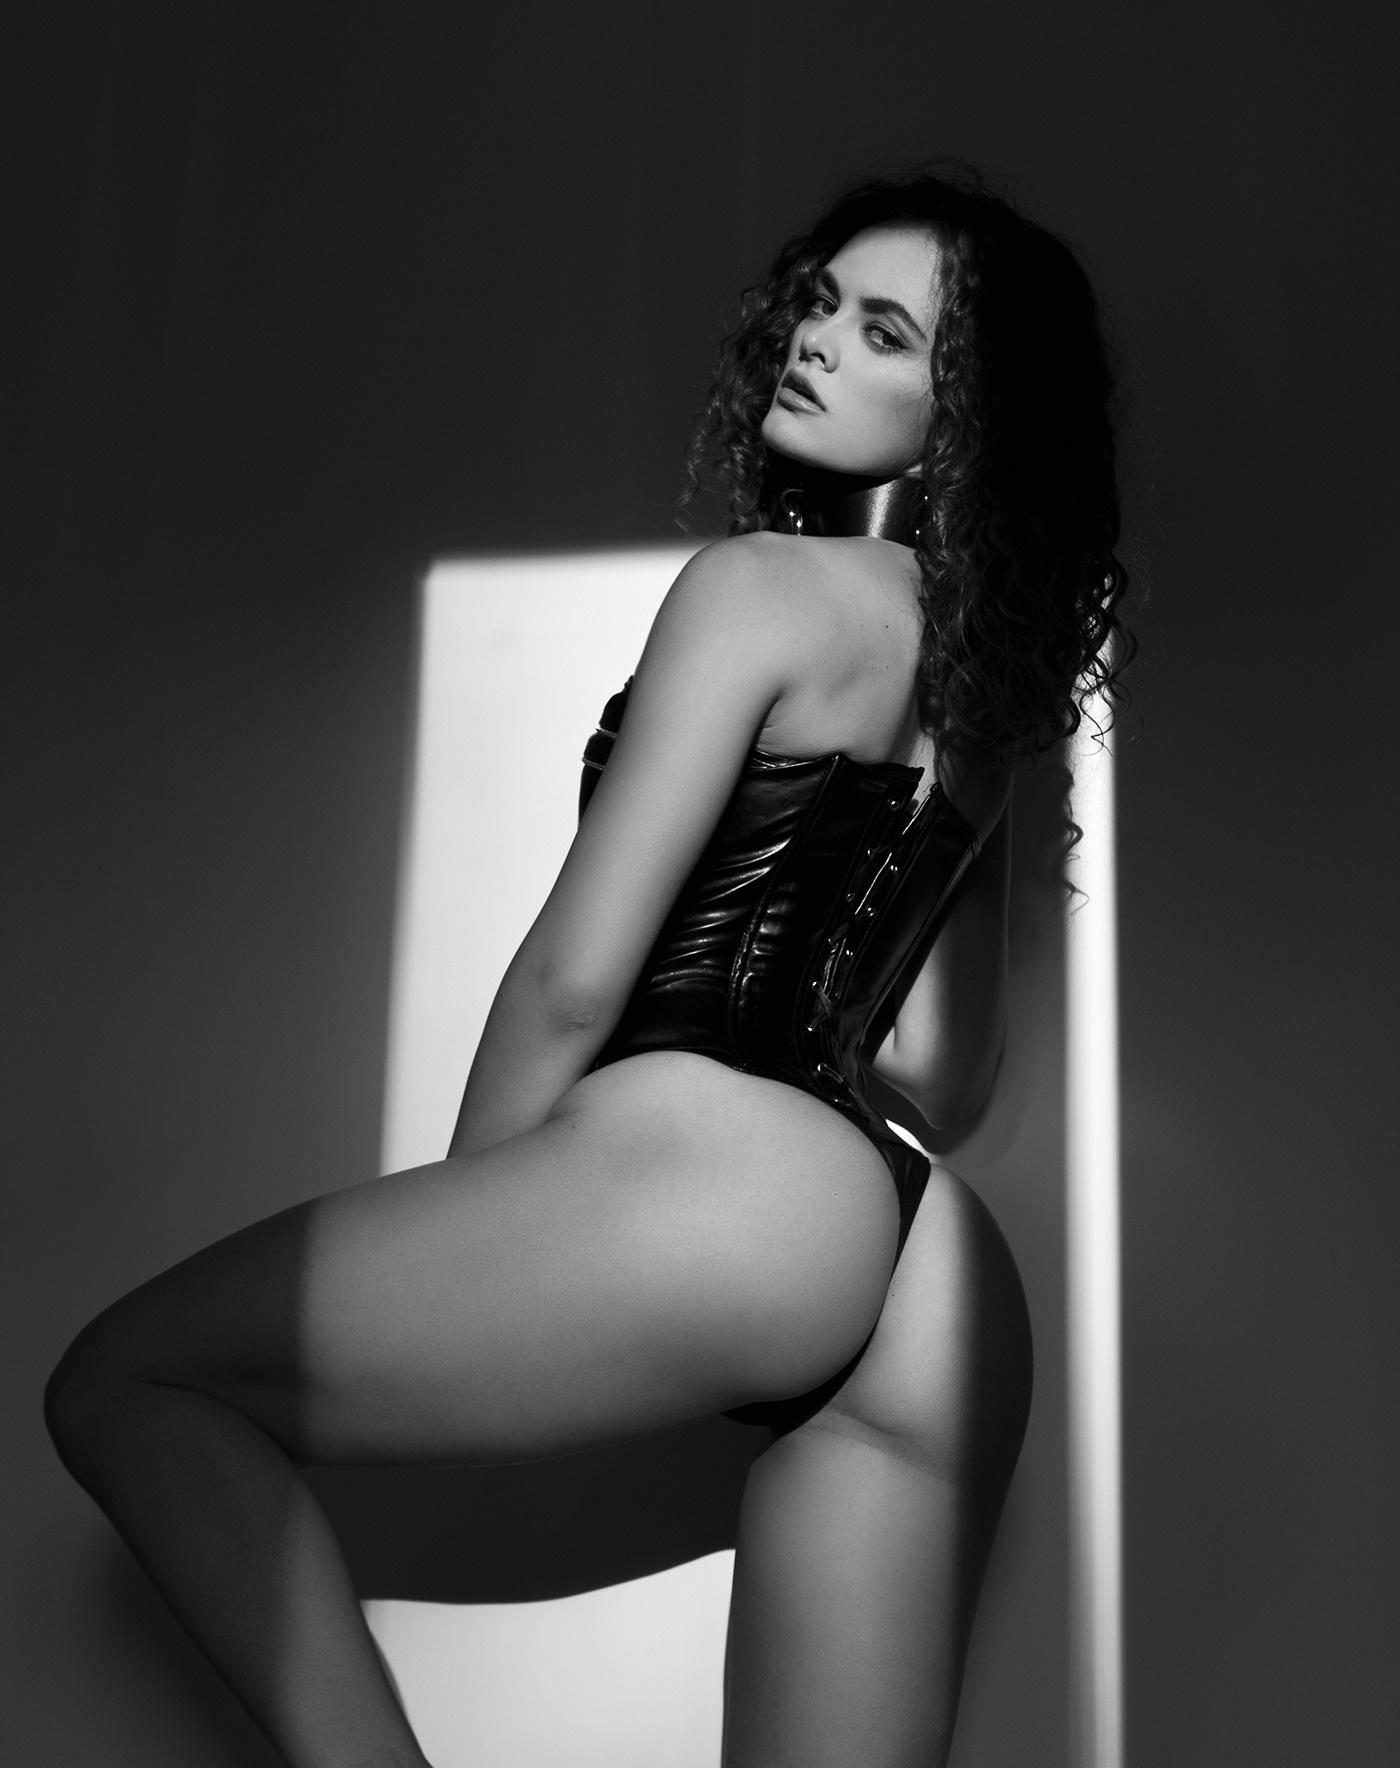 Izabella - Acceso gratuito - Desnudo, semidesnudo y boudoir. Fotografía por Javier Cuevas